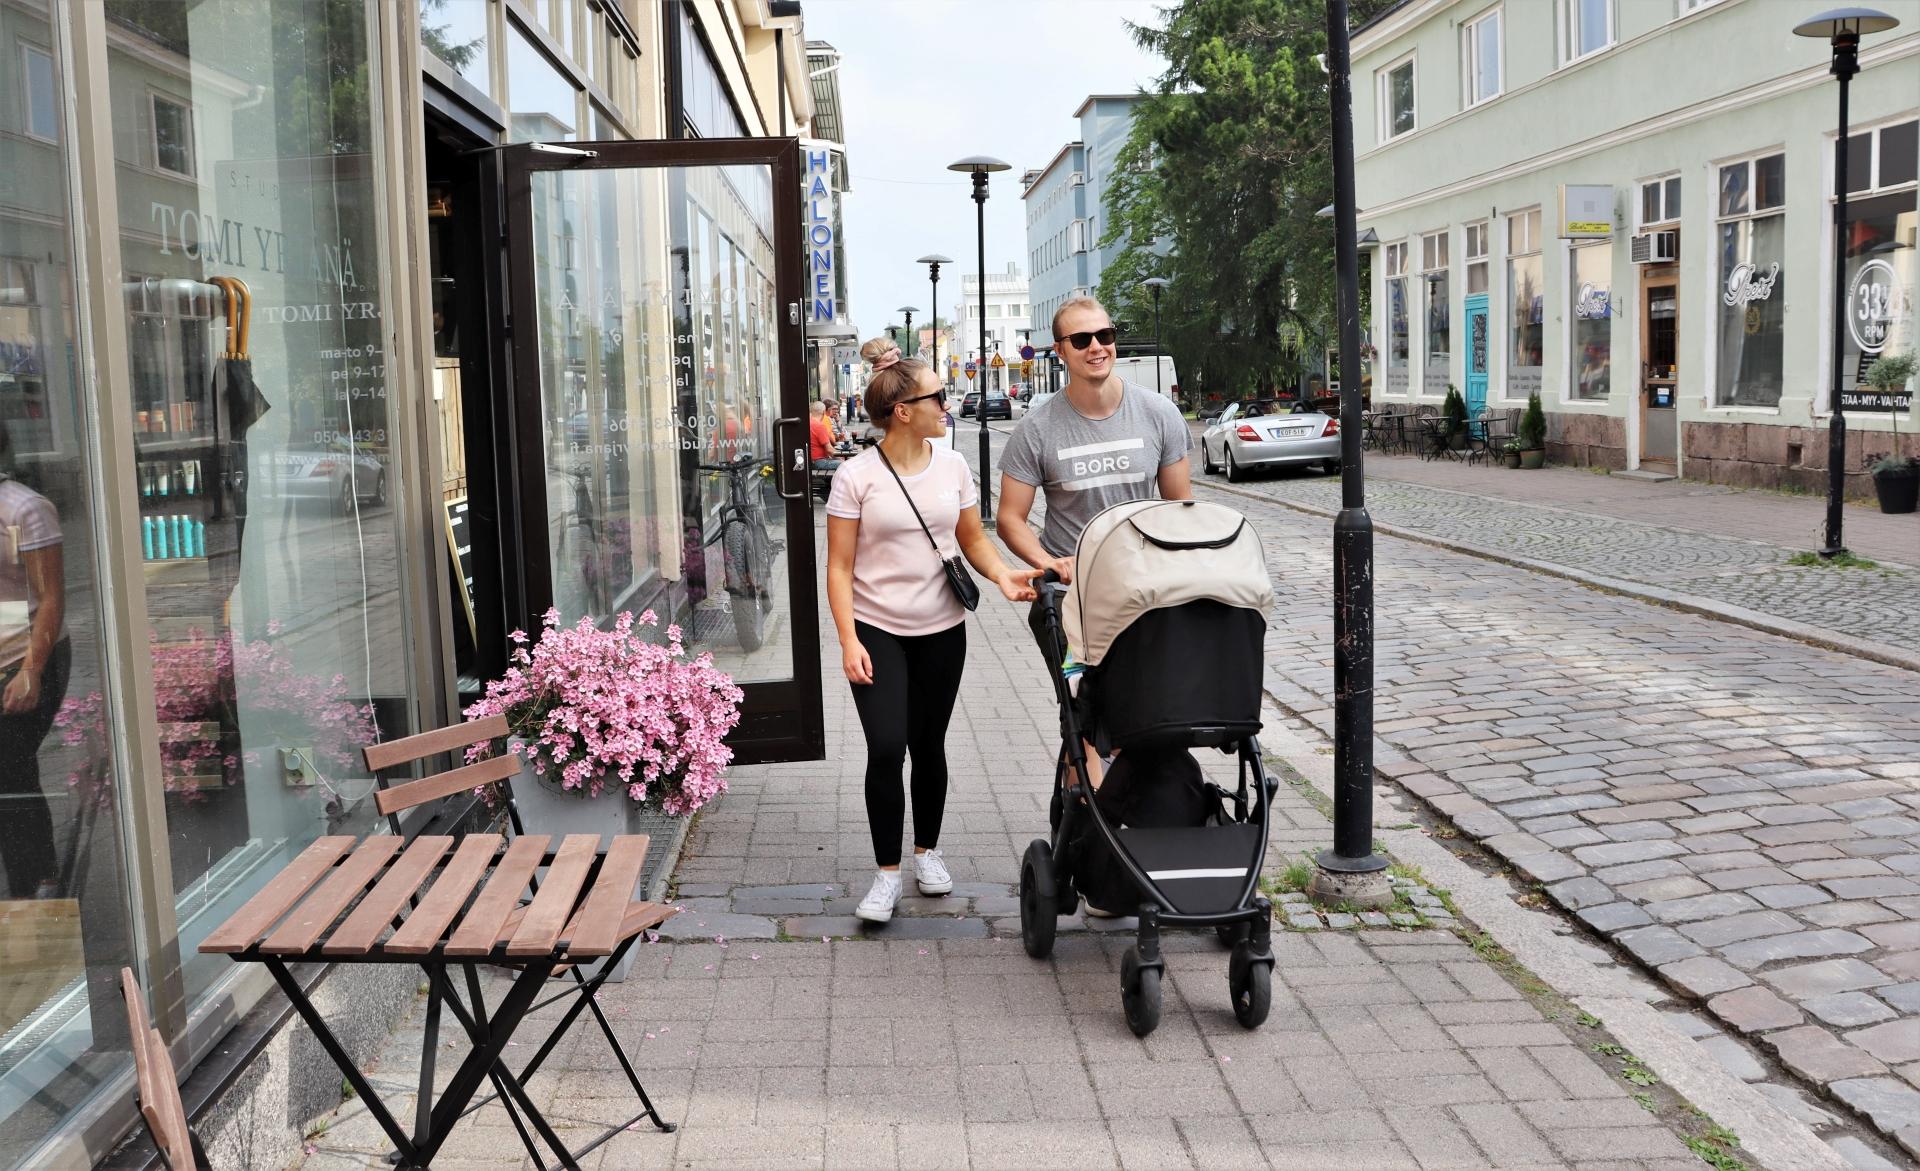 Perhe viettää kesäistä päiväänsä kävellen Kokkolan keskustassa mukulakivikadulla. Kivijalkaliikkeet ovat auki ja kaupan edessä on kukkia.